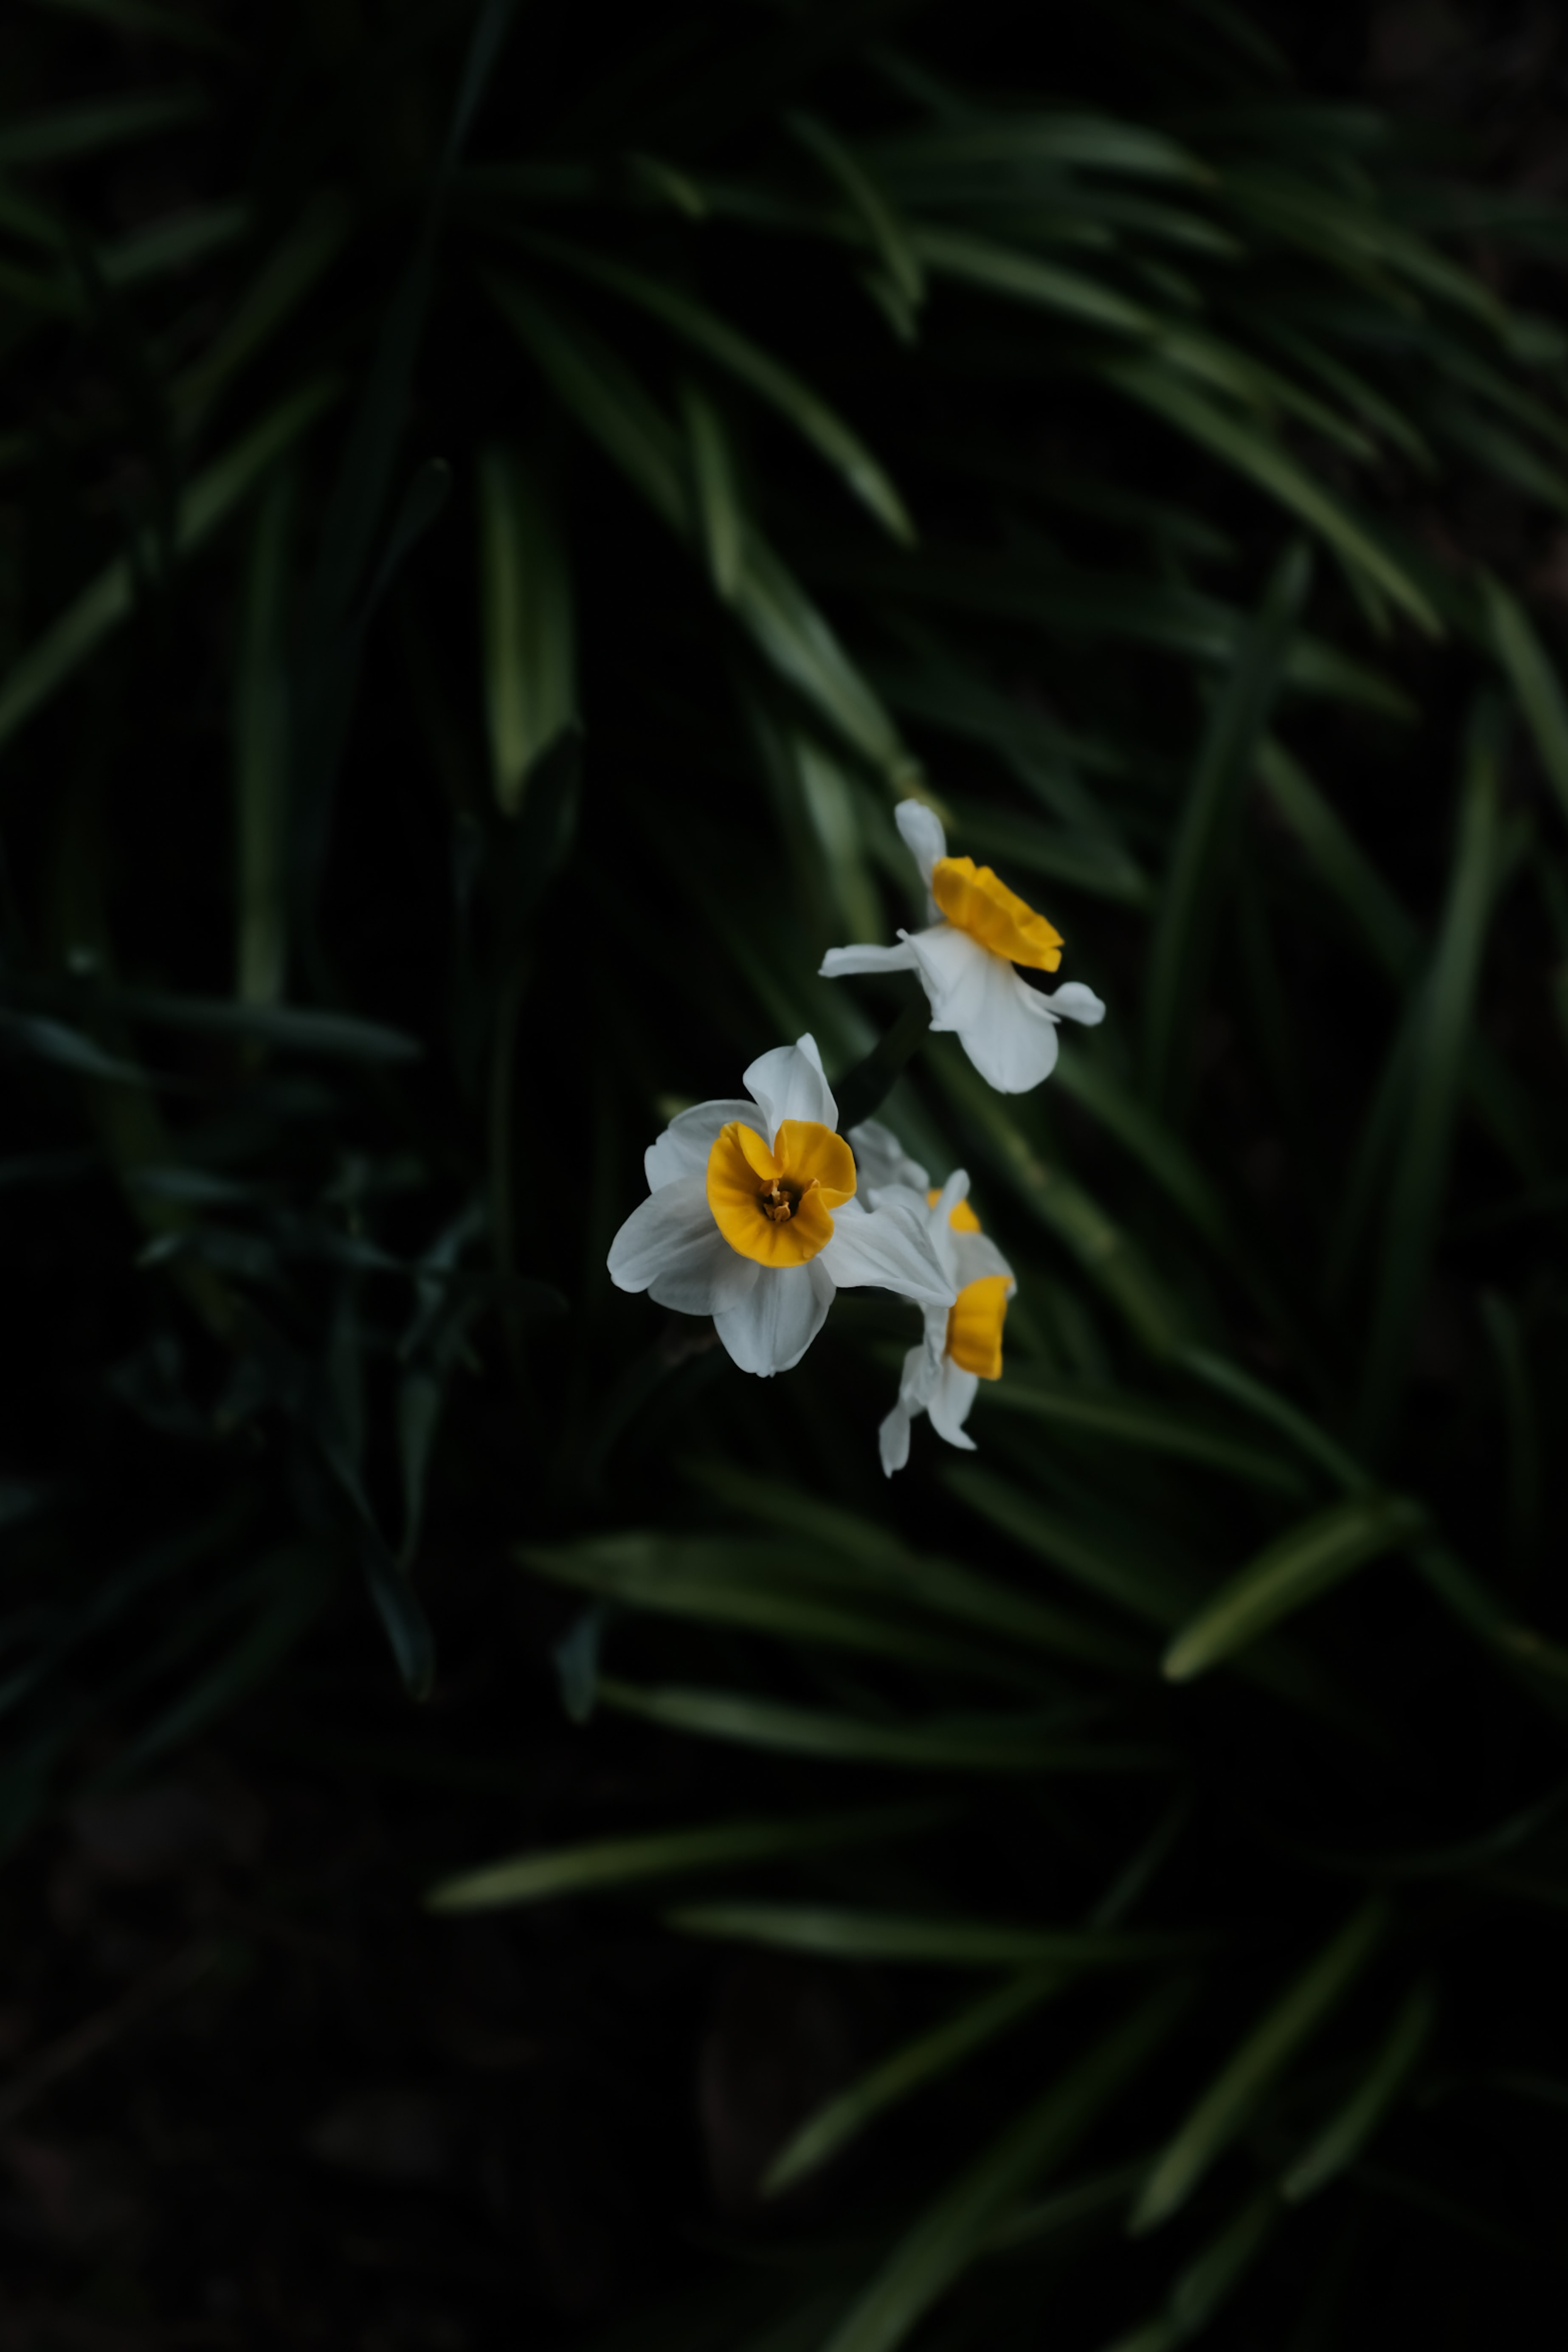 63602 Заставки и Обои Нарциссы на телефон. Скачать Цветы, Нарциссы, Растение, Макро, Размытие картинки бесплатно